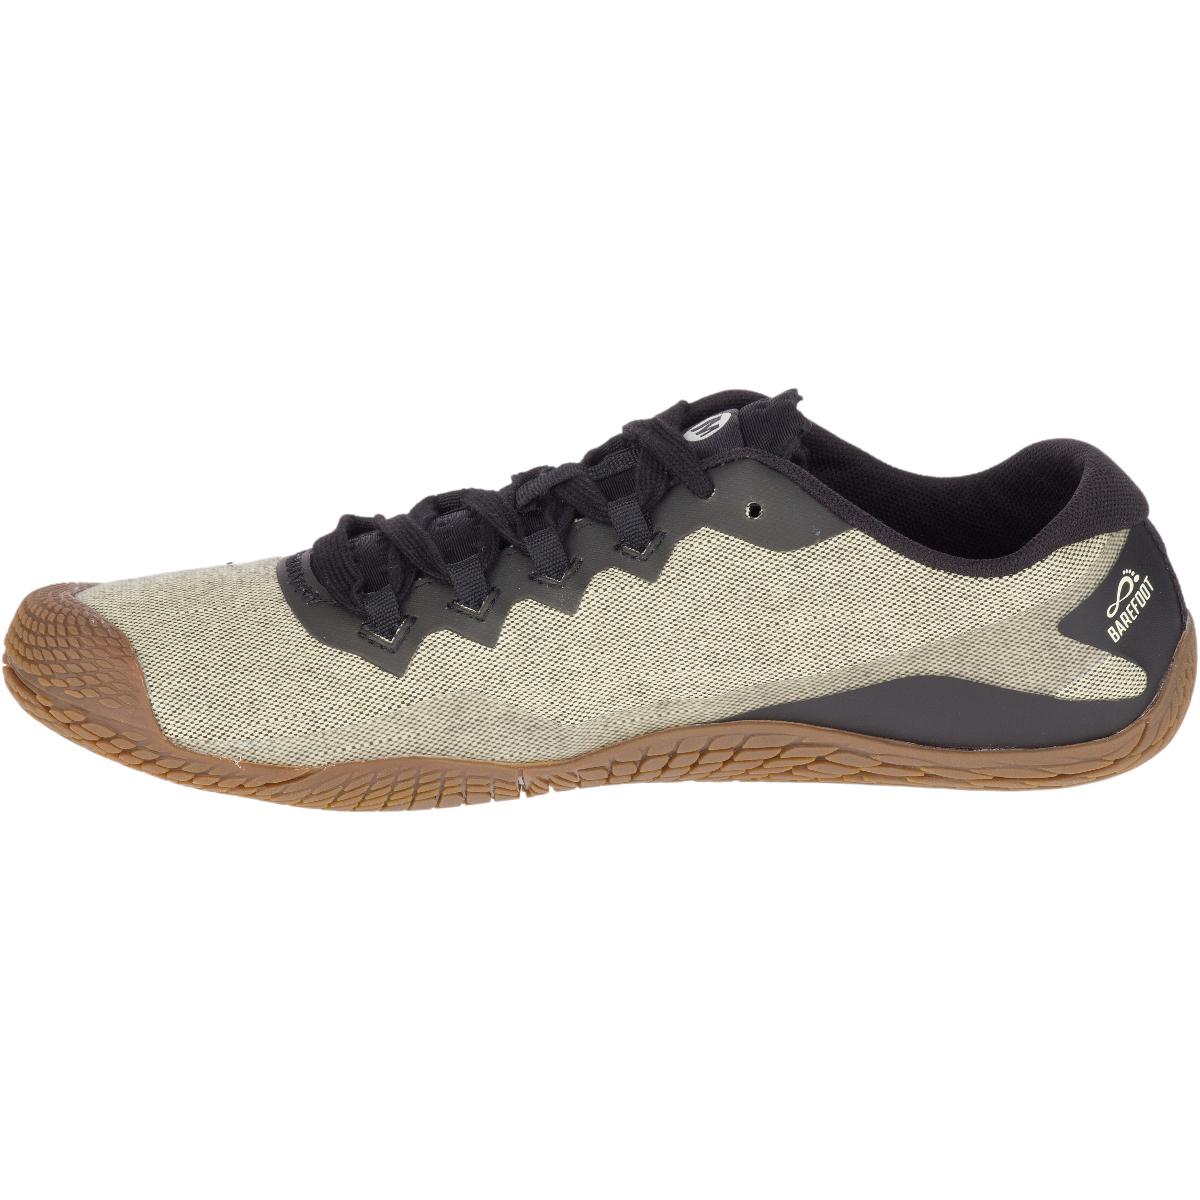 Vapor Glove 3 Cotton Barefoot Shoes